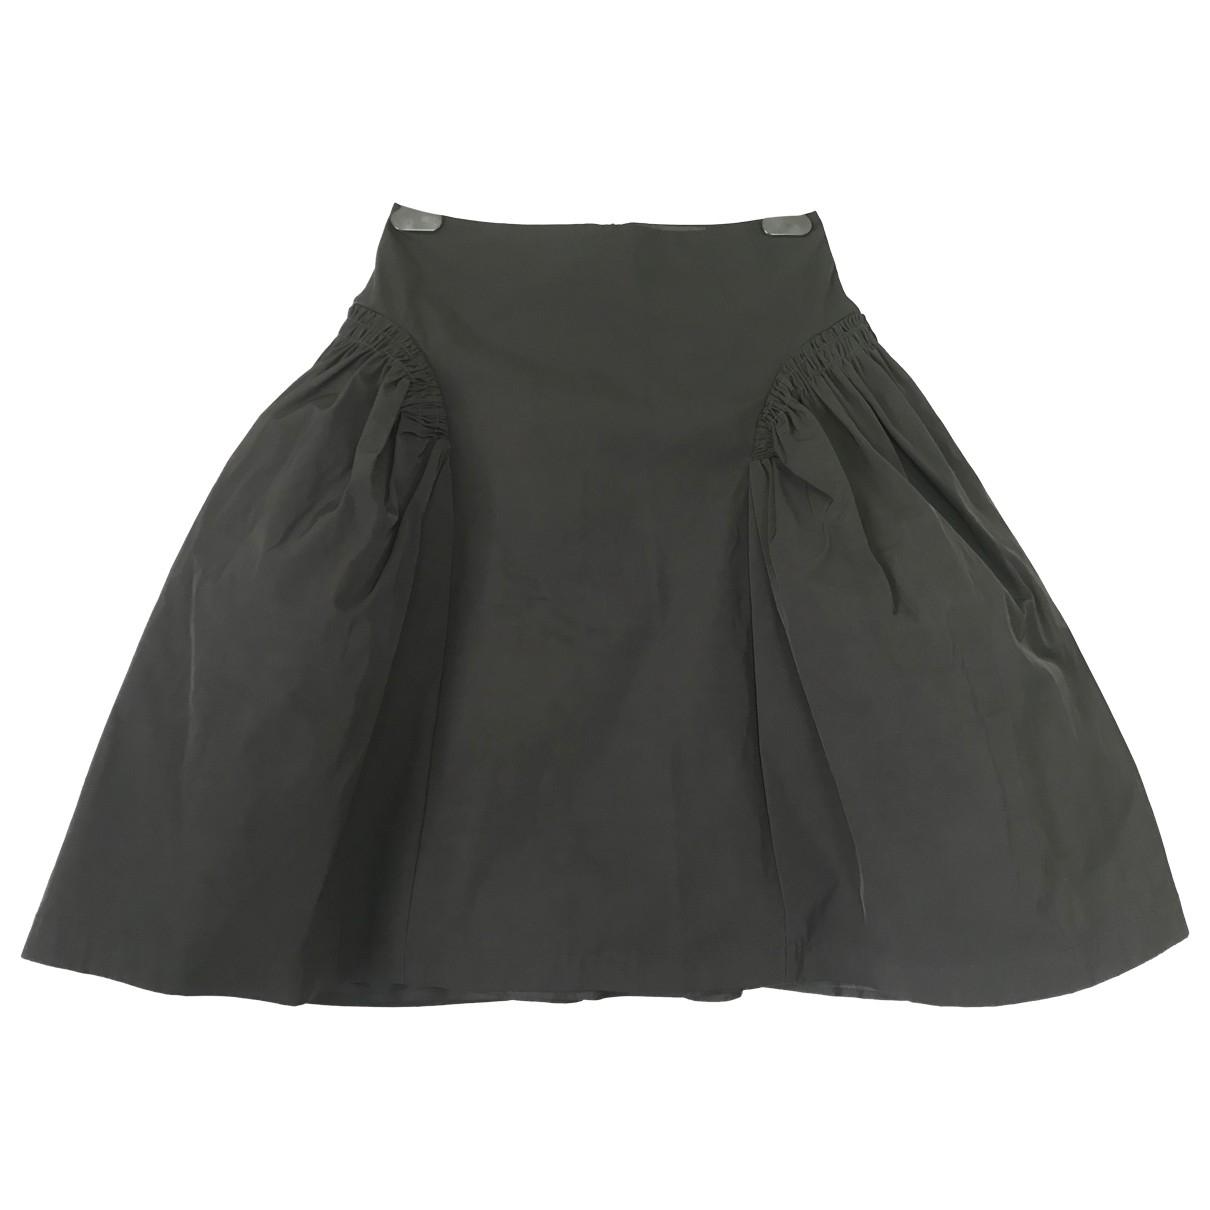 Simone Rocha \N Black skirt for Women 10 UK